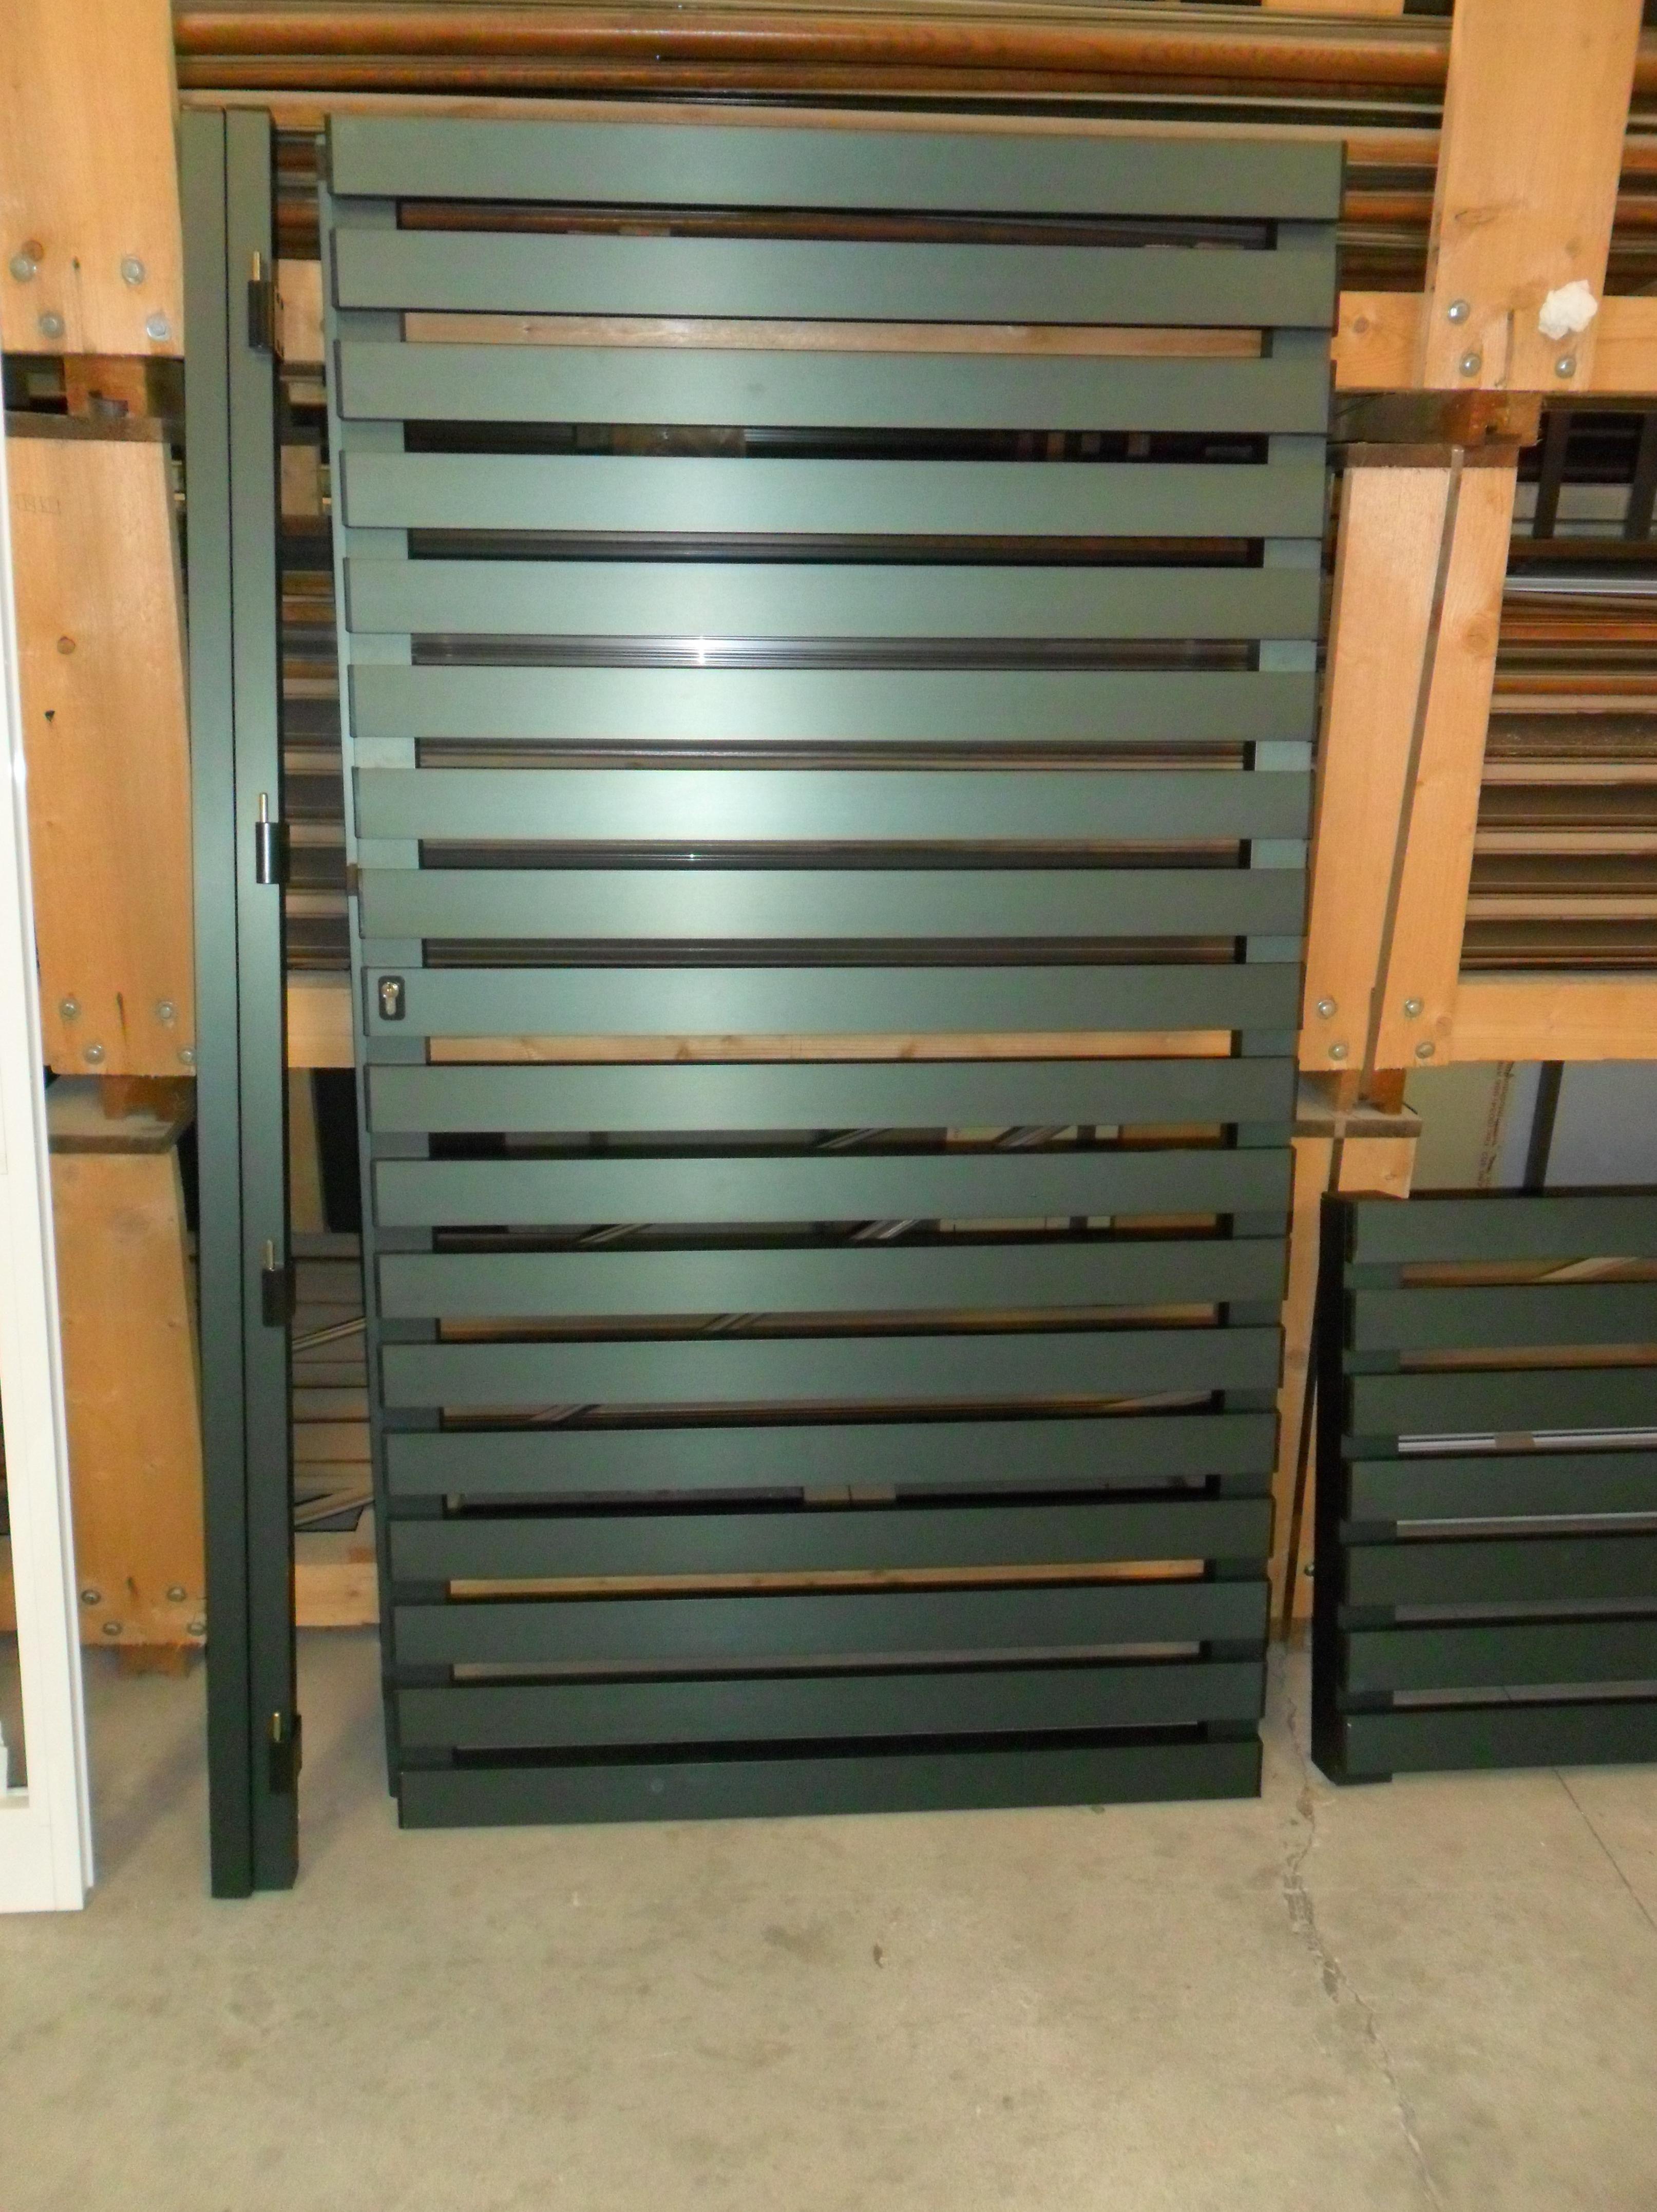 Carpinter a de aluminio en lanzarote indusphal for Carpinteria de aluminio